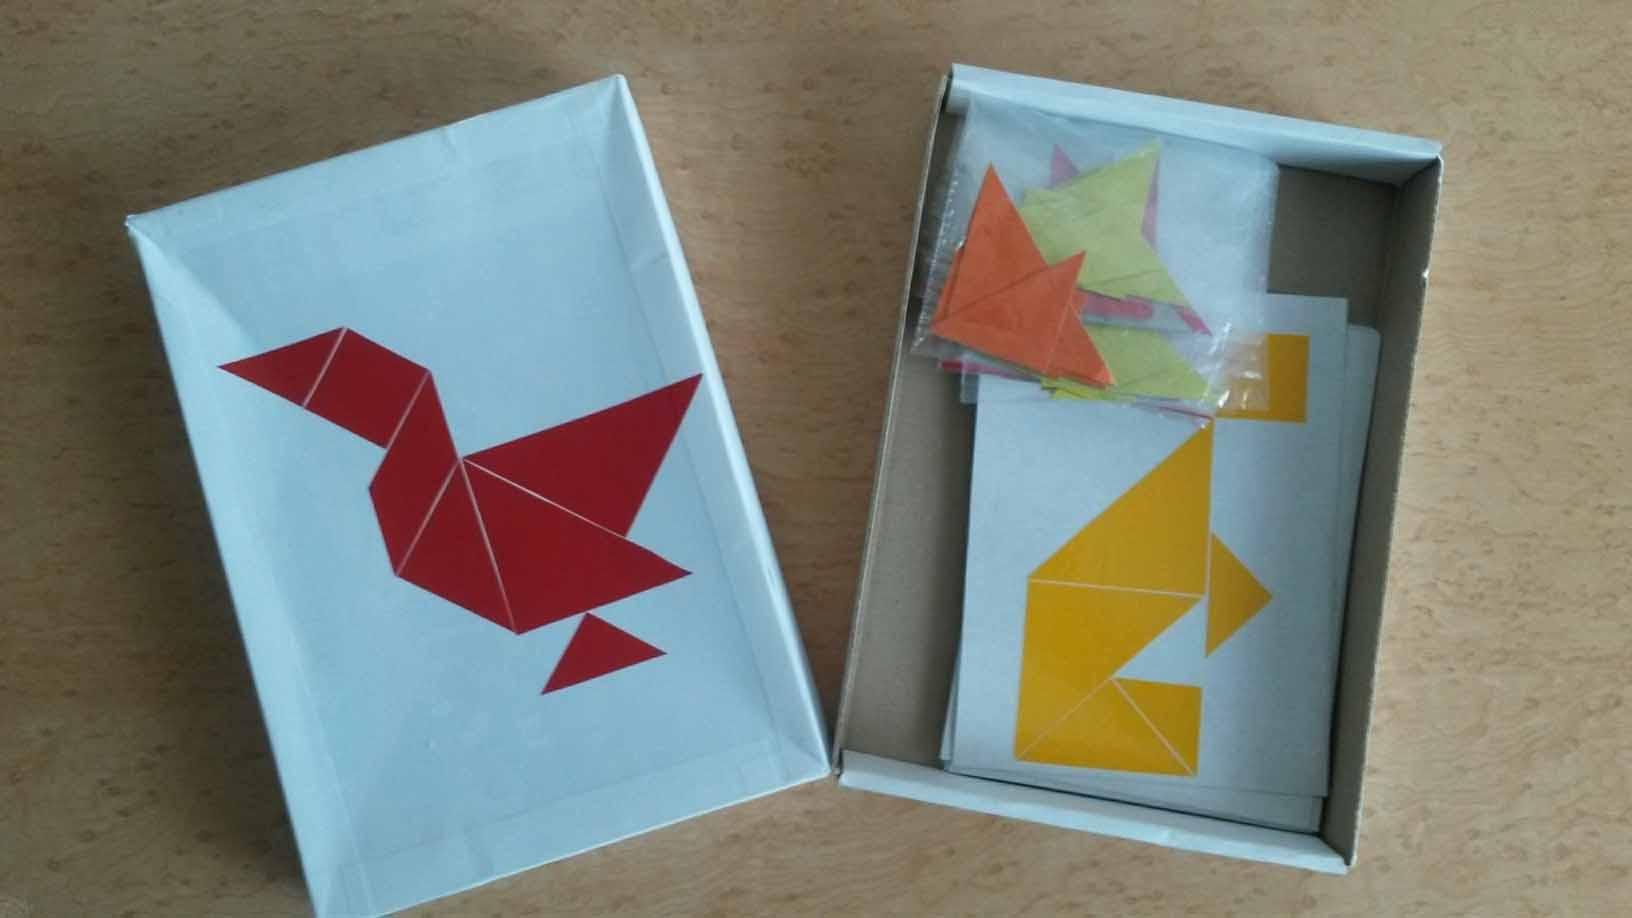 занятия для детей 3 лет знакомство с квадратом